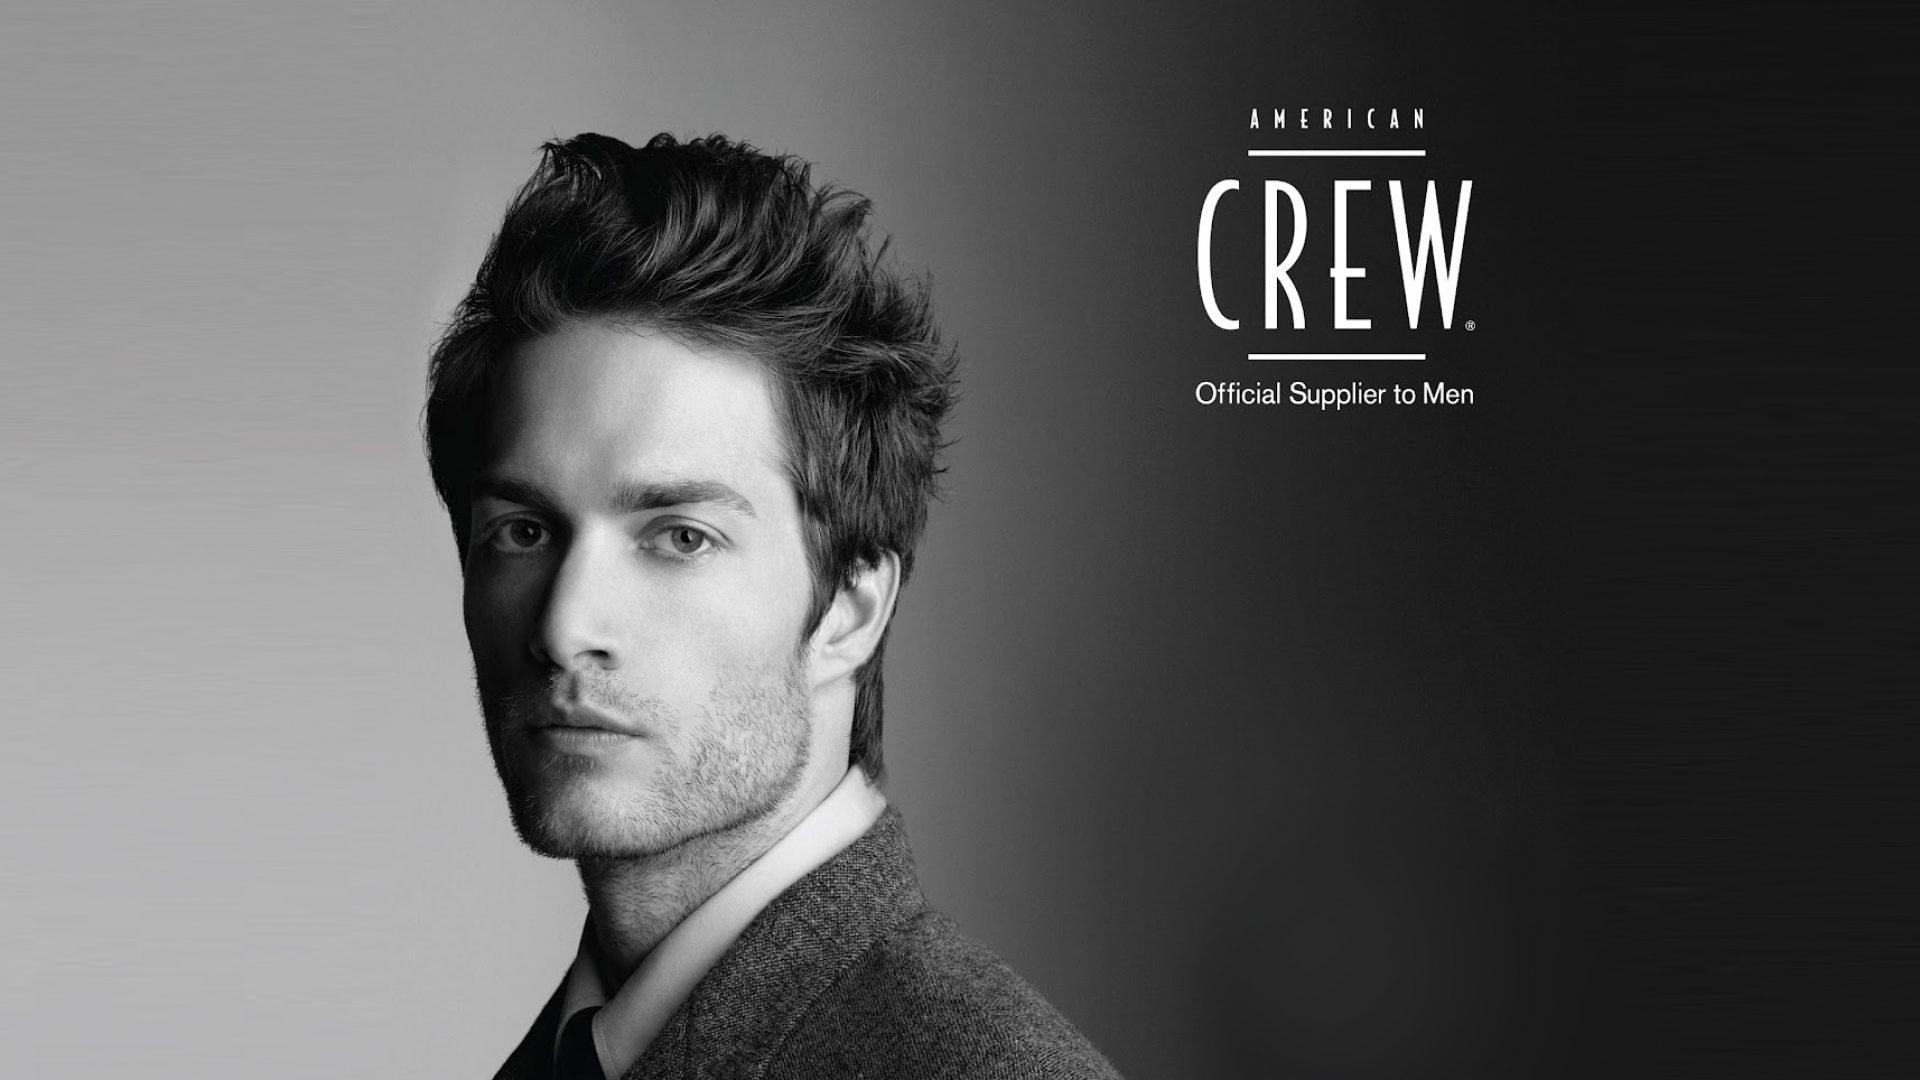 Americaan Crew hårprodukter